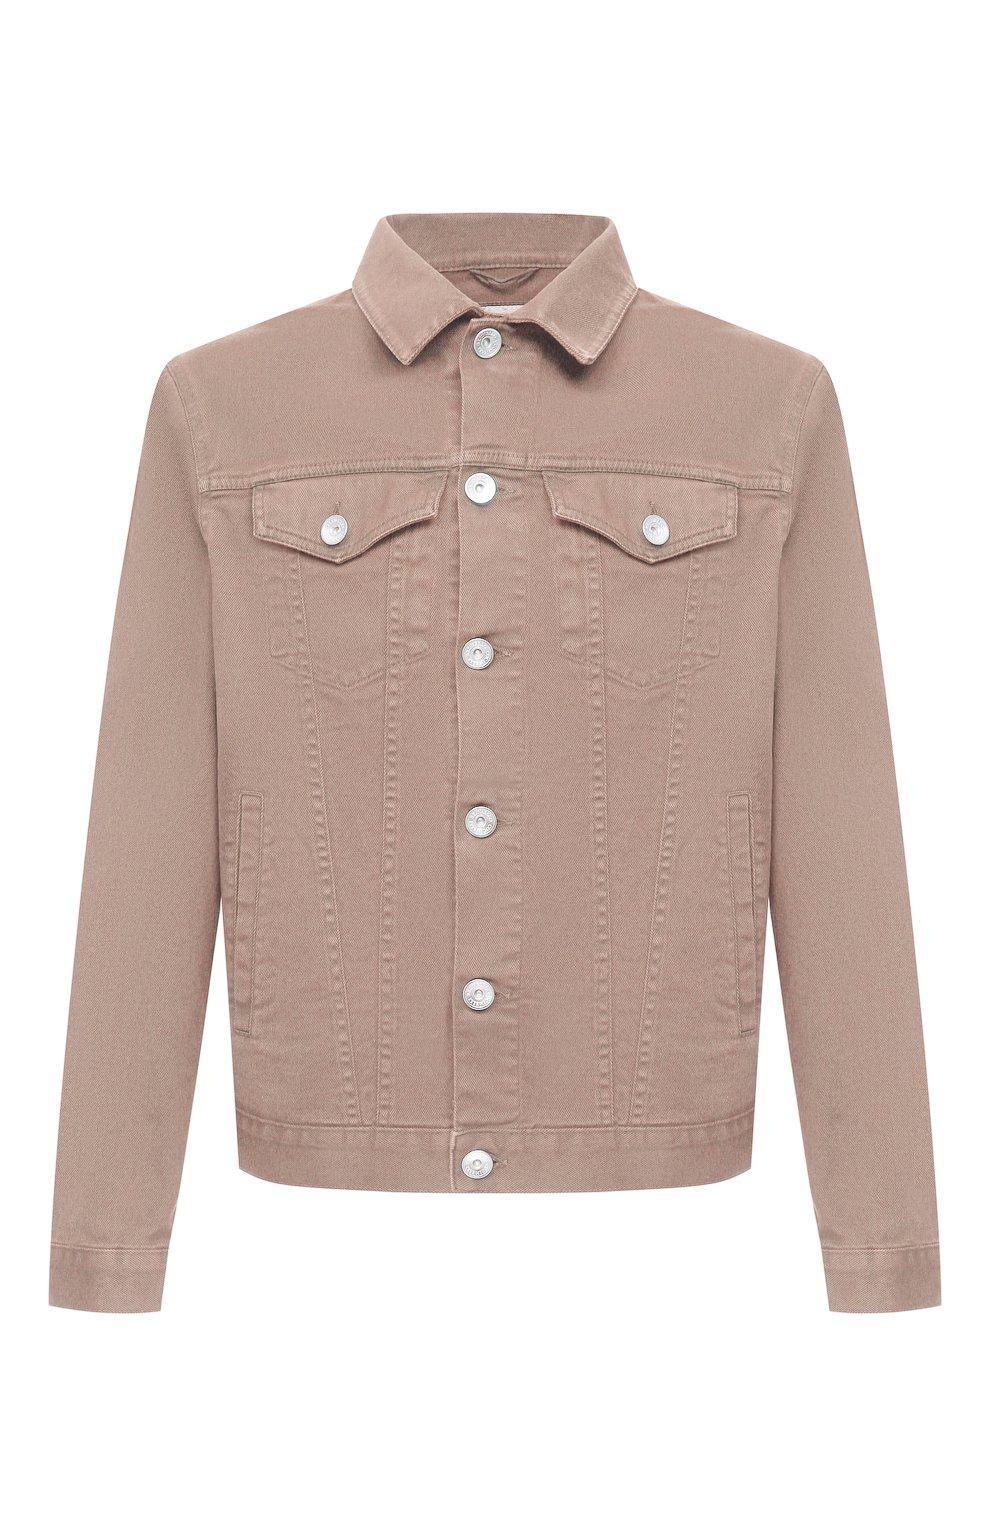 Мужская джинсовая куртка BRUNELLO CUCINELLI бежевого цвета, арт. M277P6845 | Фото 1 (Кросс-КТ: Куртка, Деним; Рукава: Длинные; Материал внешний: Хлопок; Длина (верхняя одежда): Короткие; Стили: Кэжуэл)